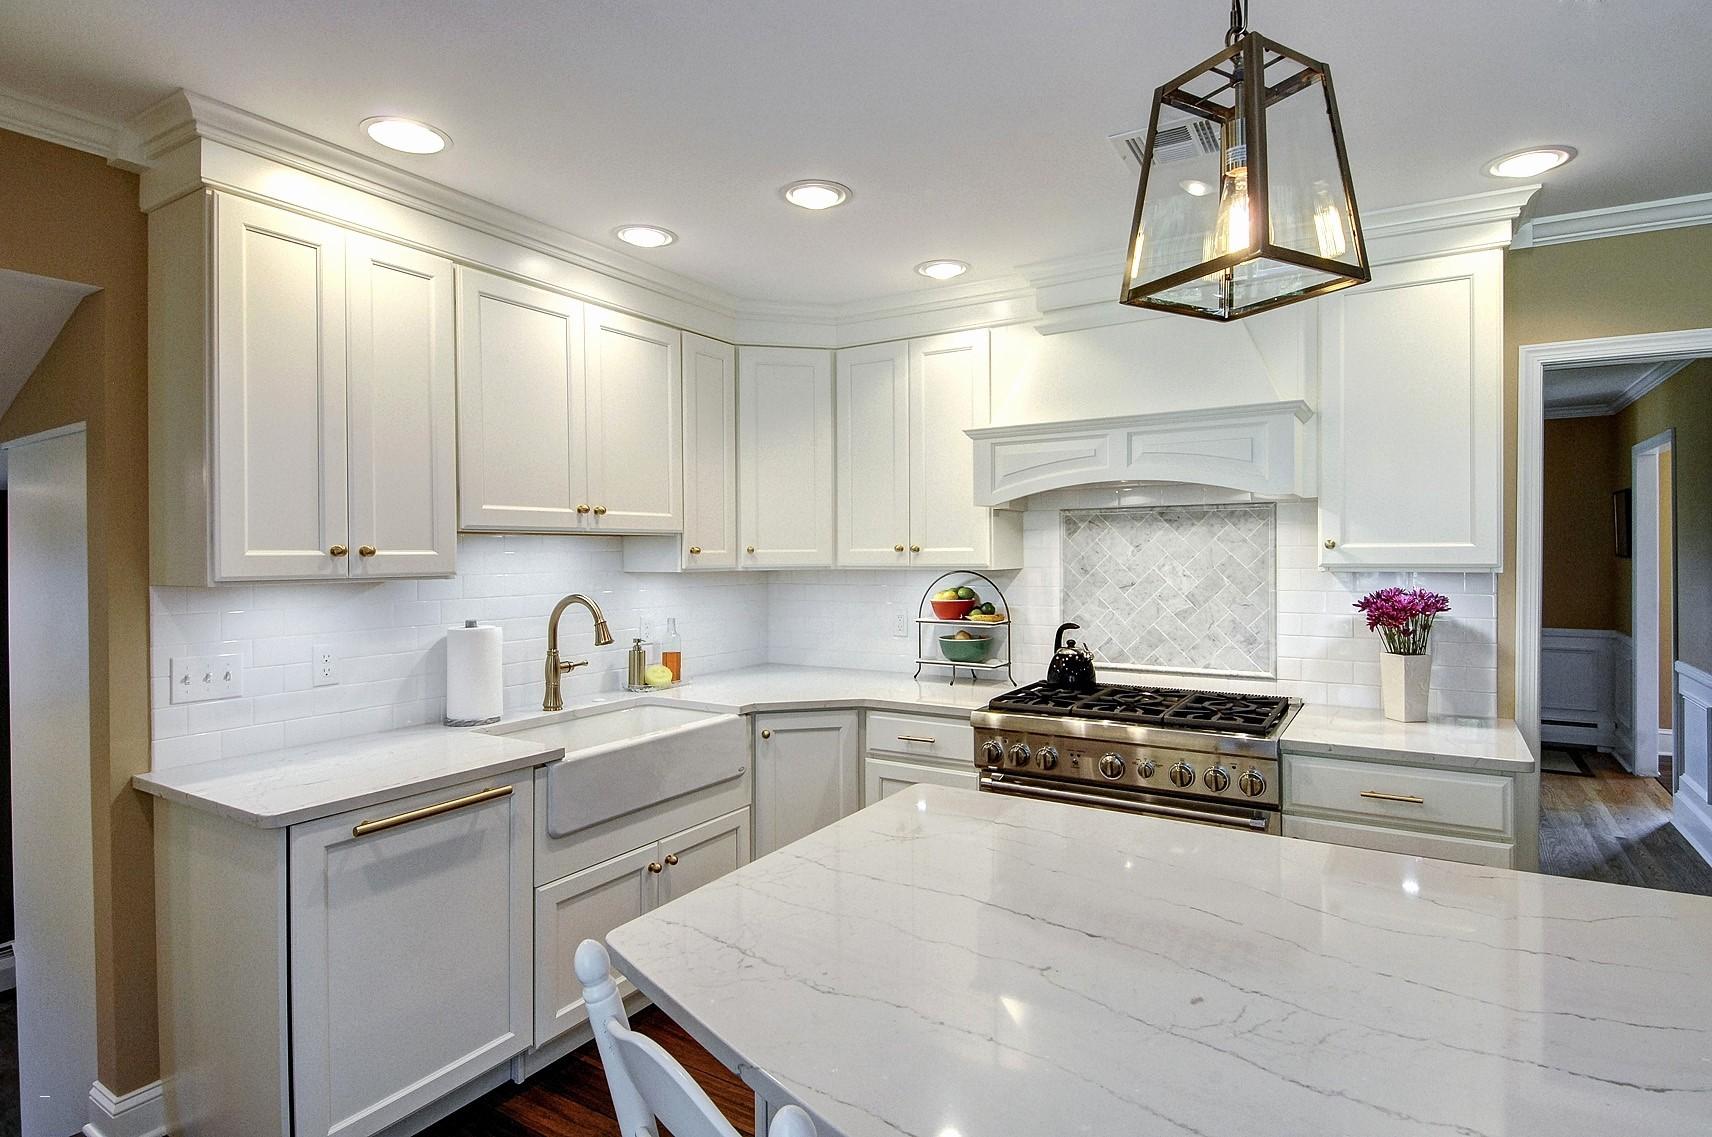 Over Kitchen Sink Light Elegant H Sink Kitchen Vent I 0d Awesome Under Fascinating Exterior Design